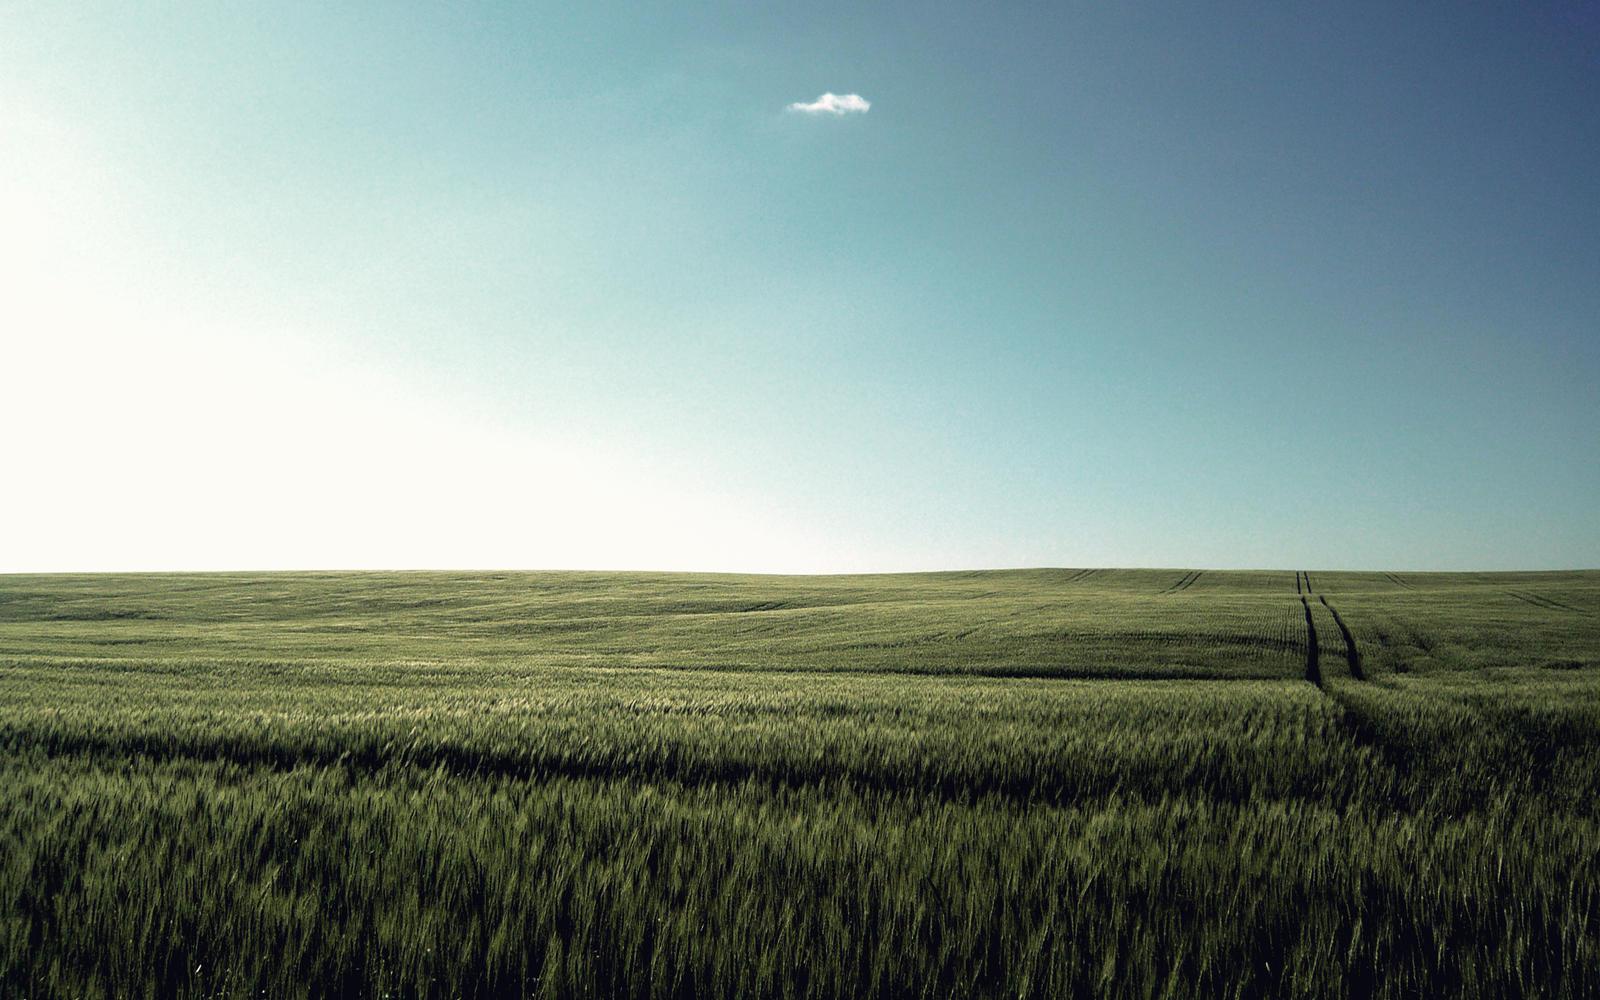 Wheat Field by PhK-Dan10